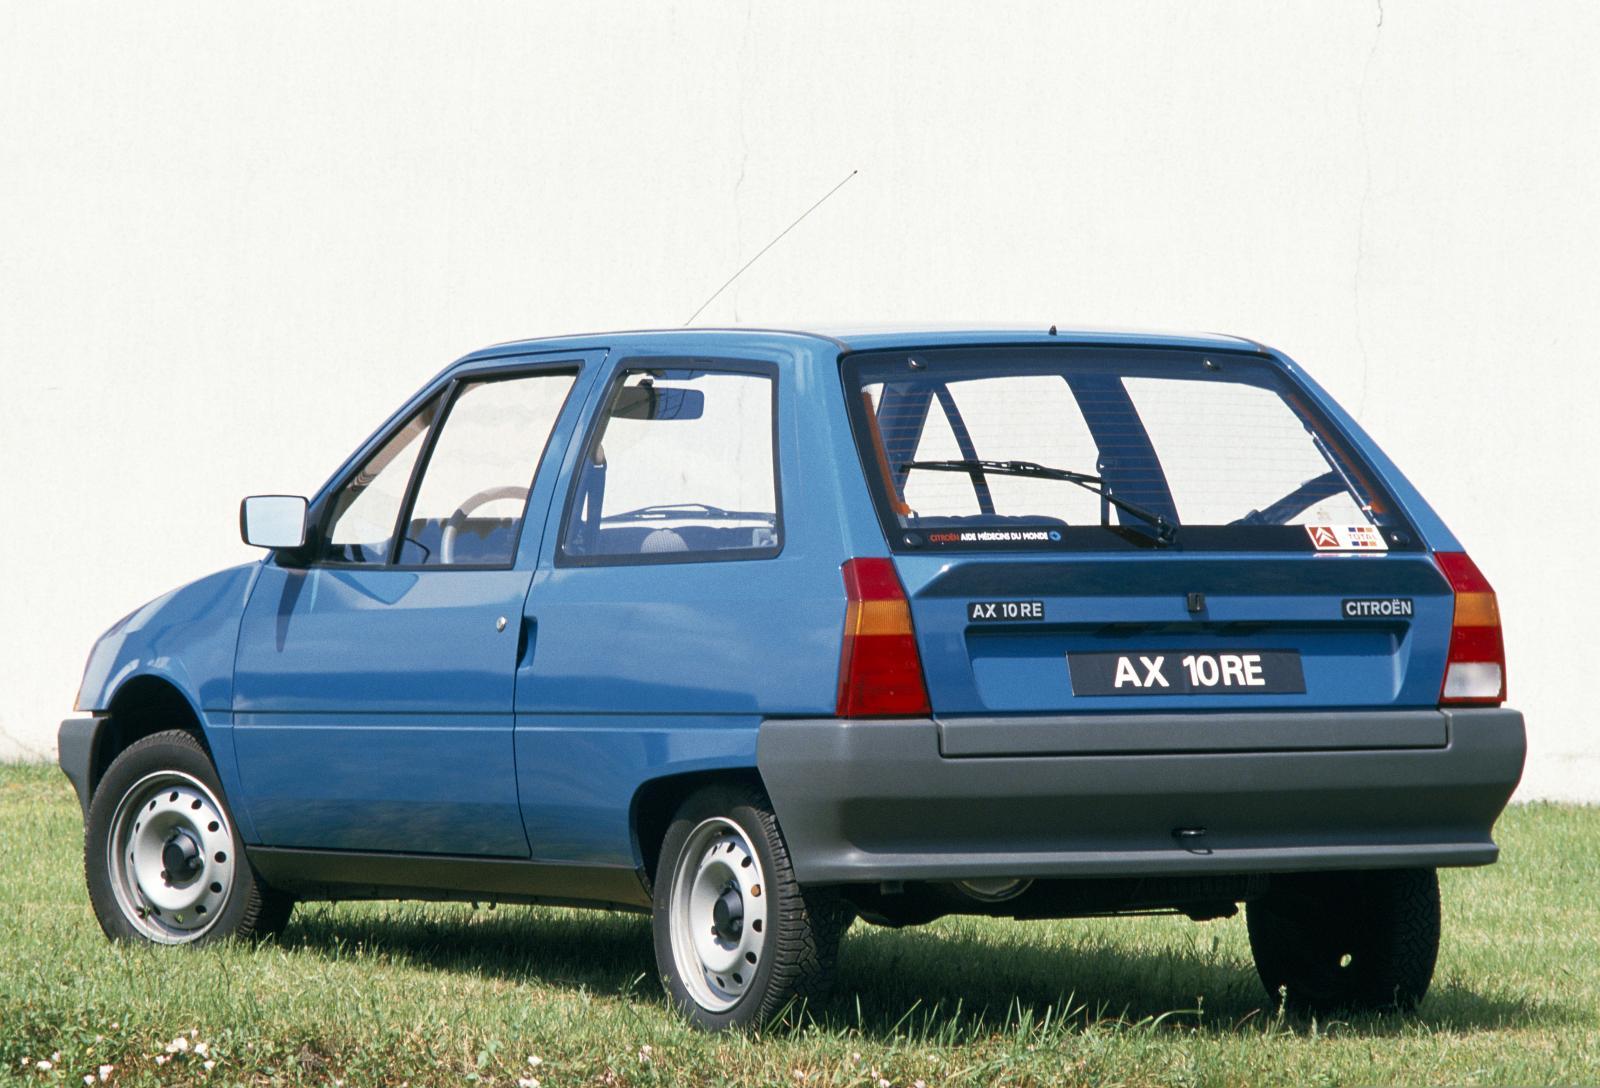 AX 10 RE 1987